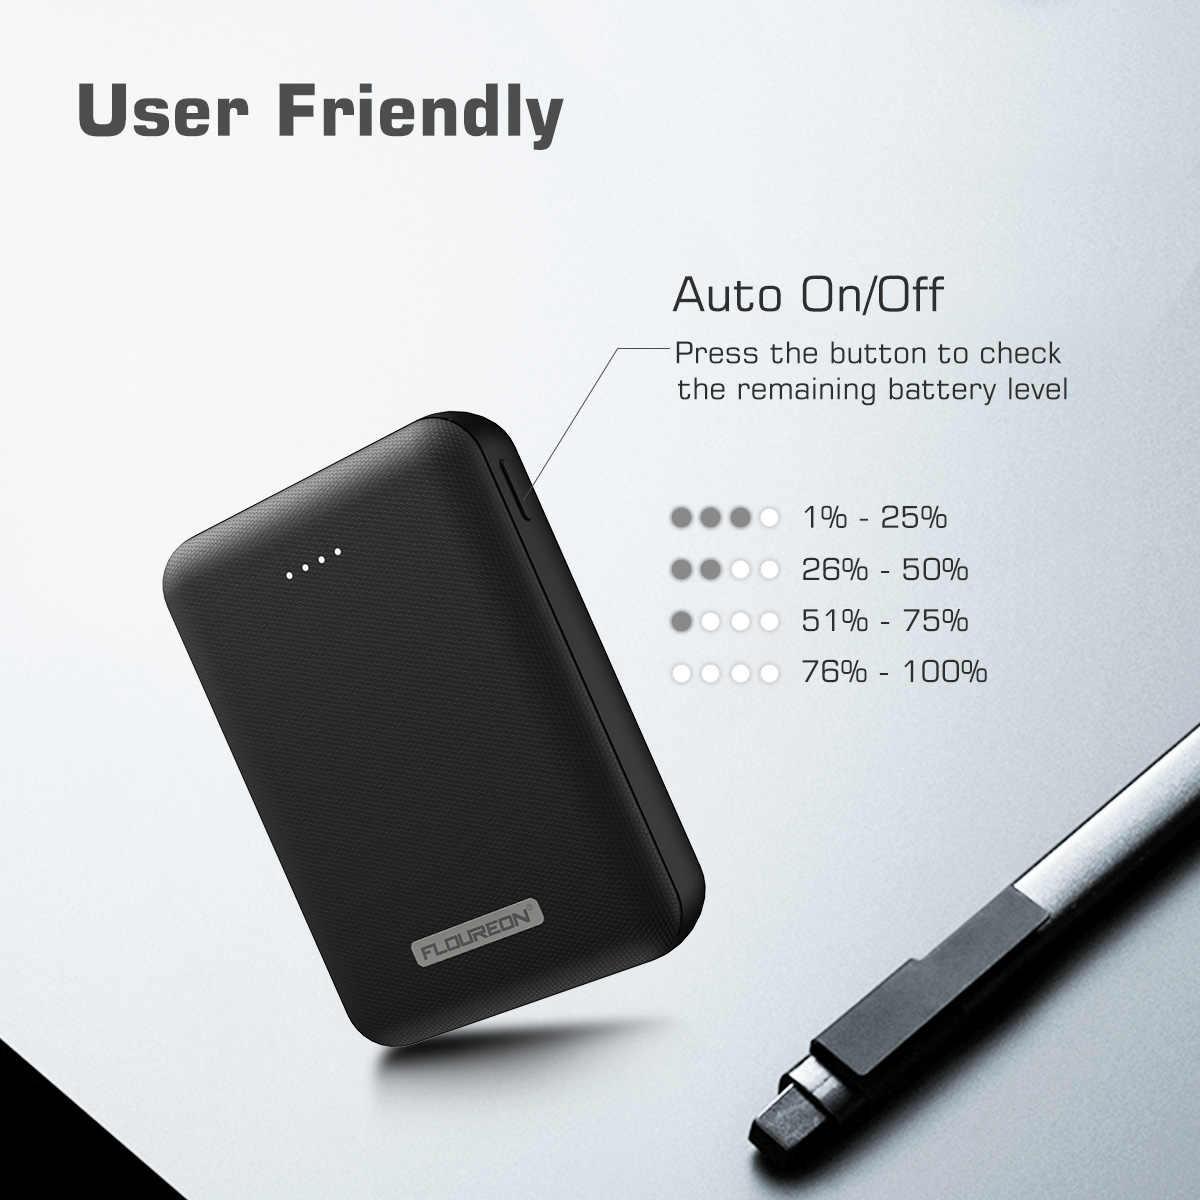 Floureon ультра мини 10000 мА/ч, Мощность номер телефона банка Комплекты внешних аккумуляторов Портативный DC5V 3.4A Выход Dual USB Зарядное устройство для iPhone Xs